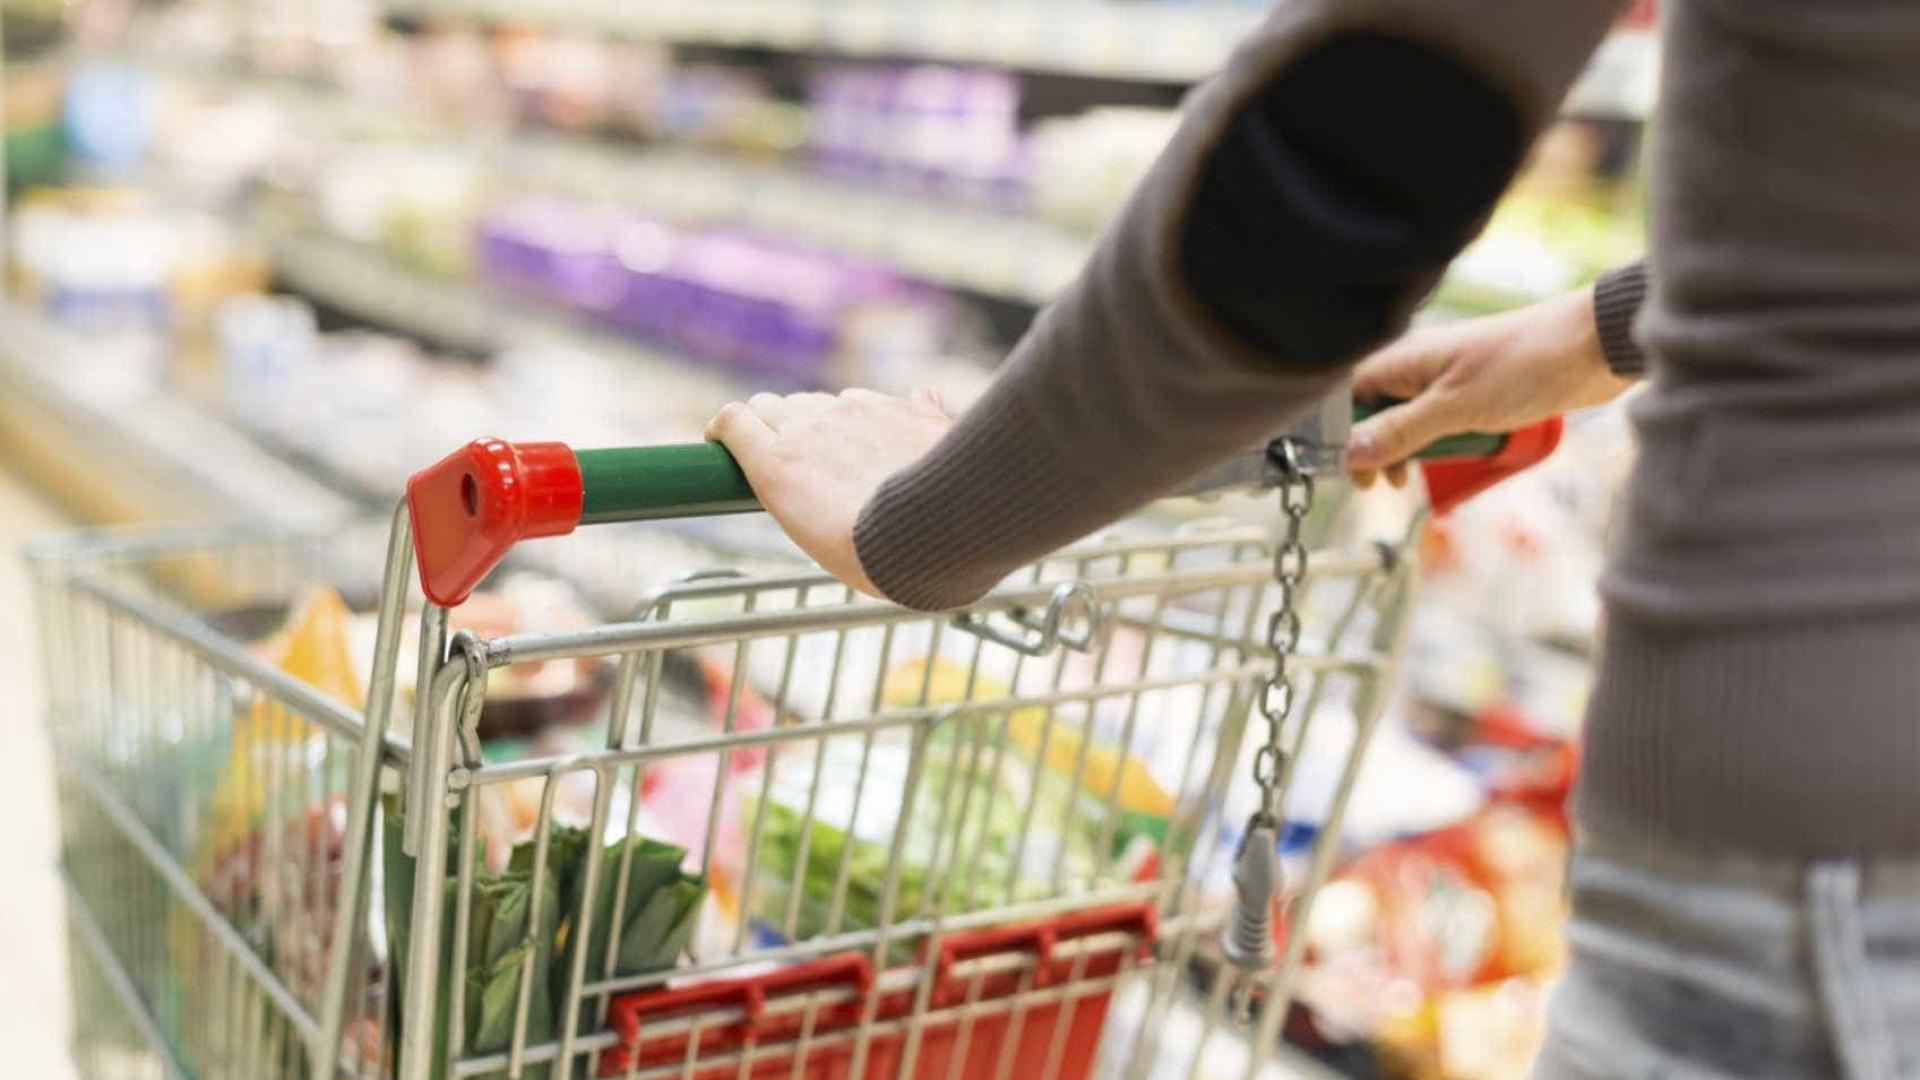 Atividade económica aumenta em março e consumo privado permanece estável